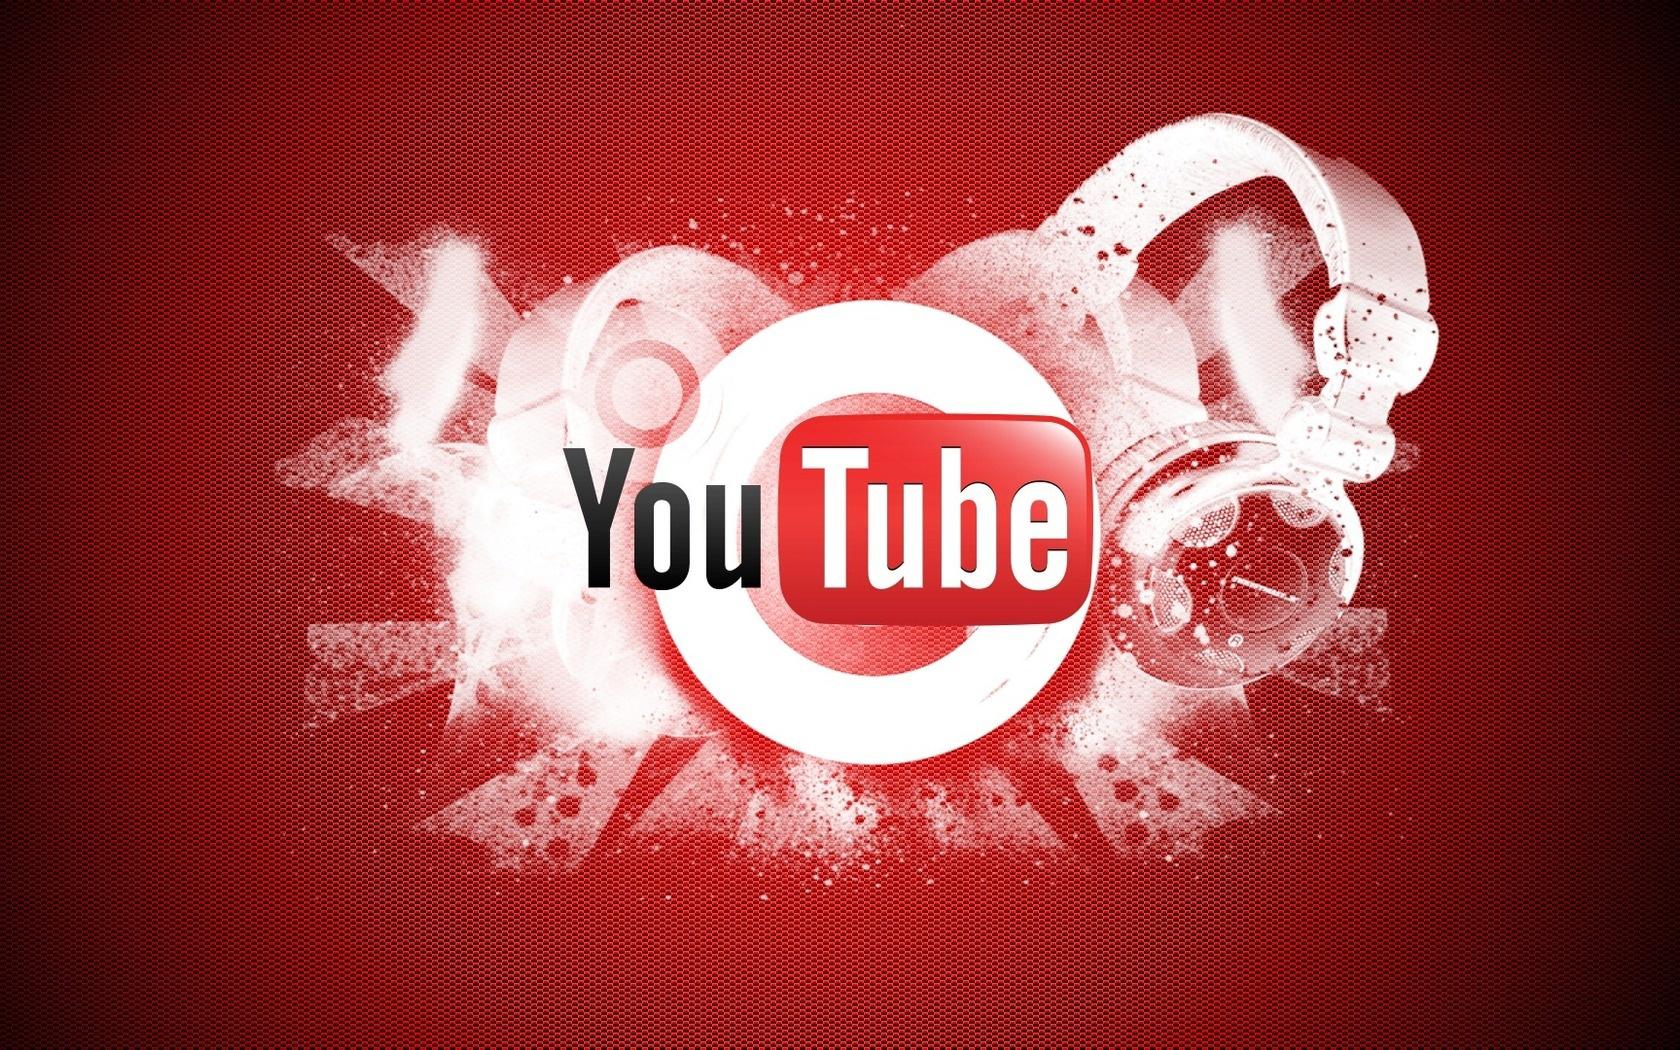 93 Youtube Wallpaper Maker Free Youtube Channel Art Banner